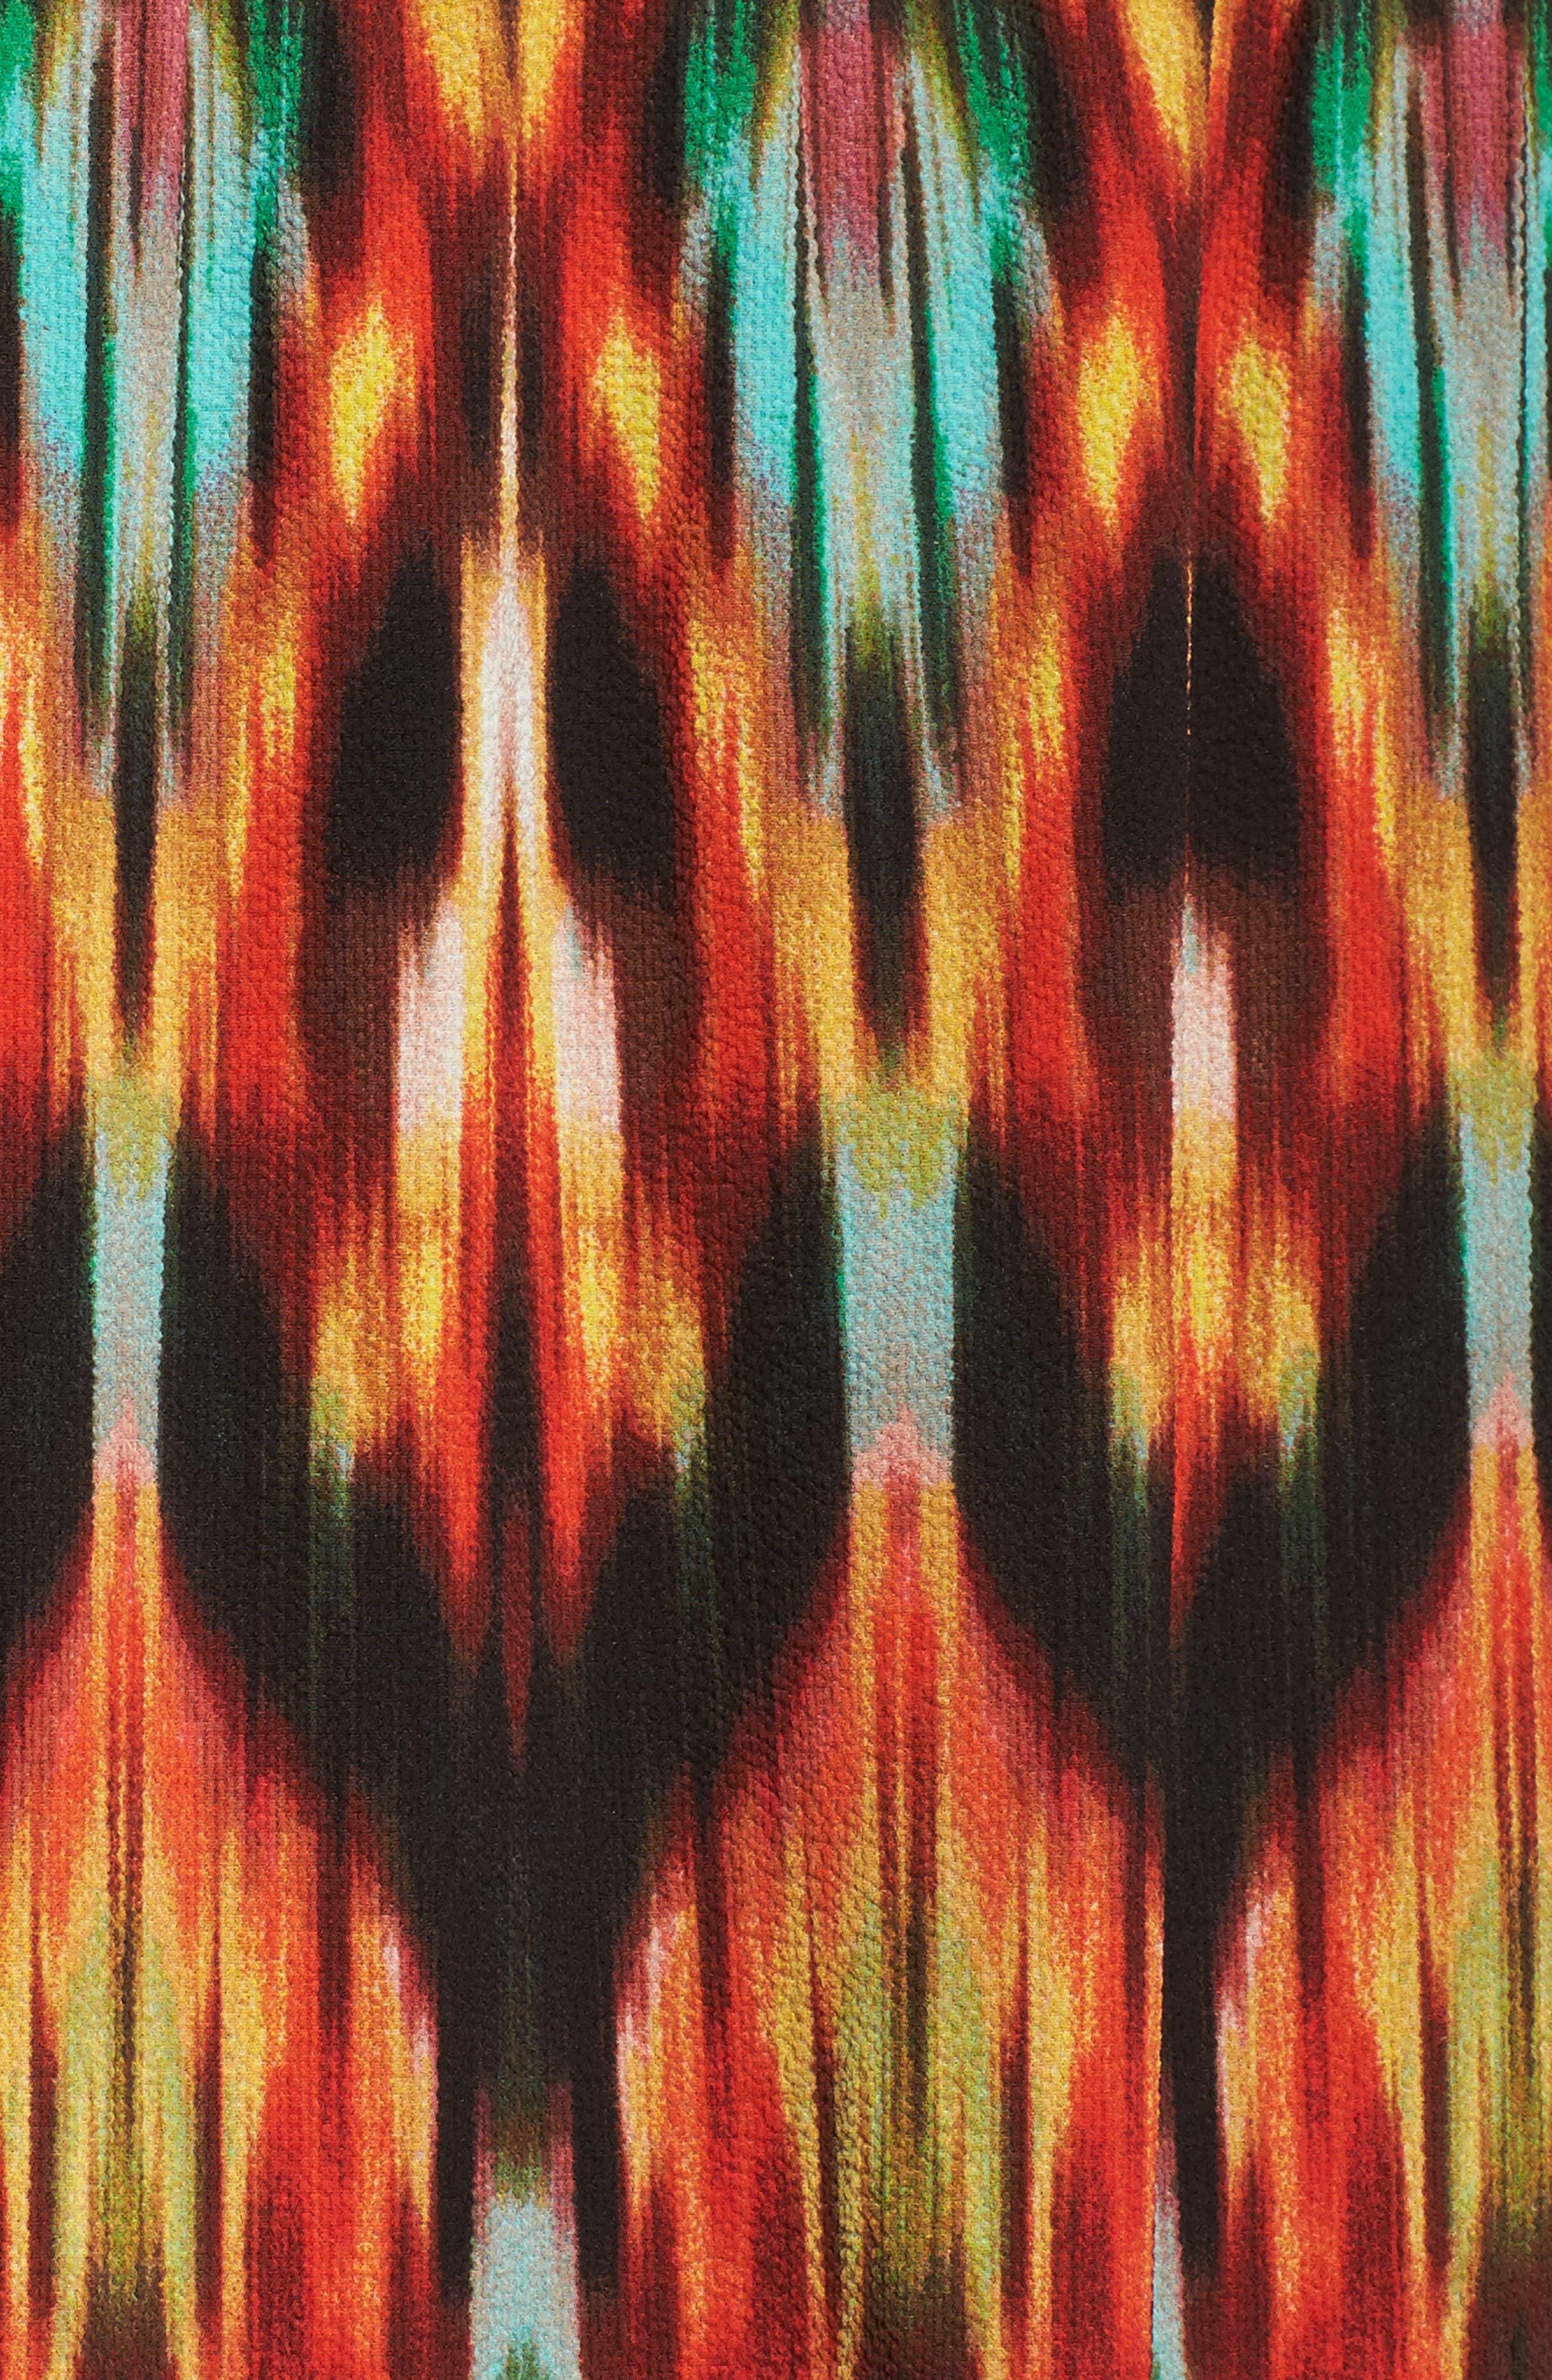 Bubble Print Maxi Dress,                             Alternate thumbnail 5, color,                             MULTI